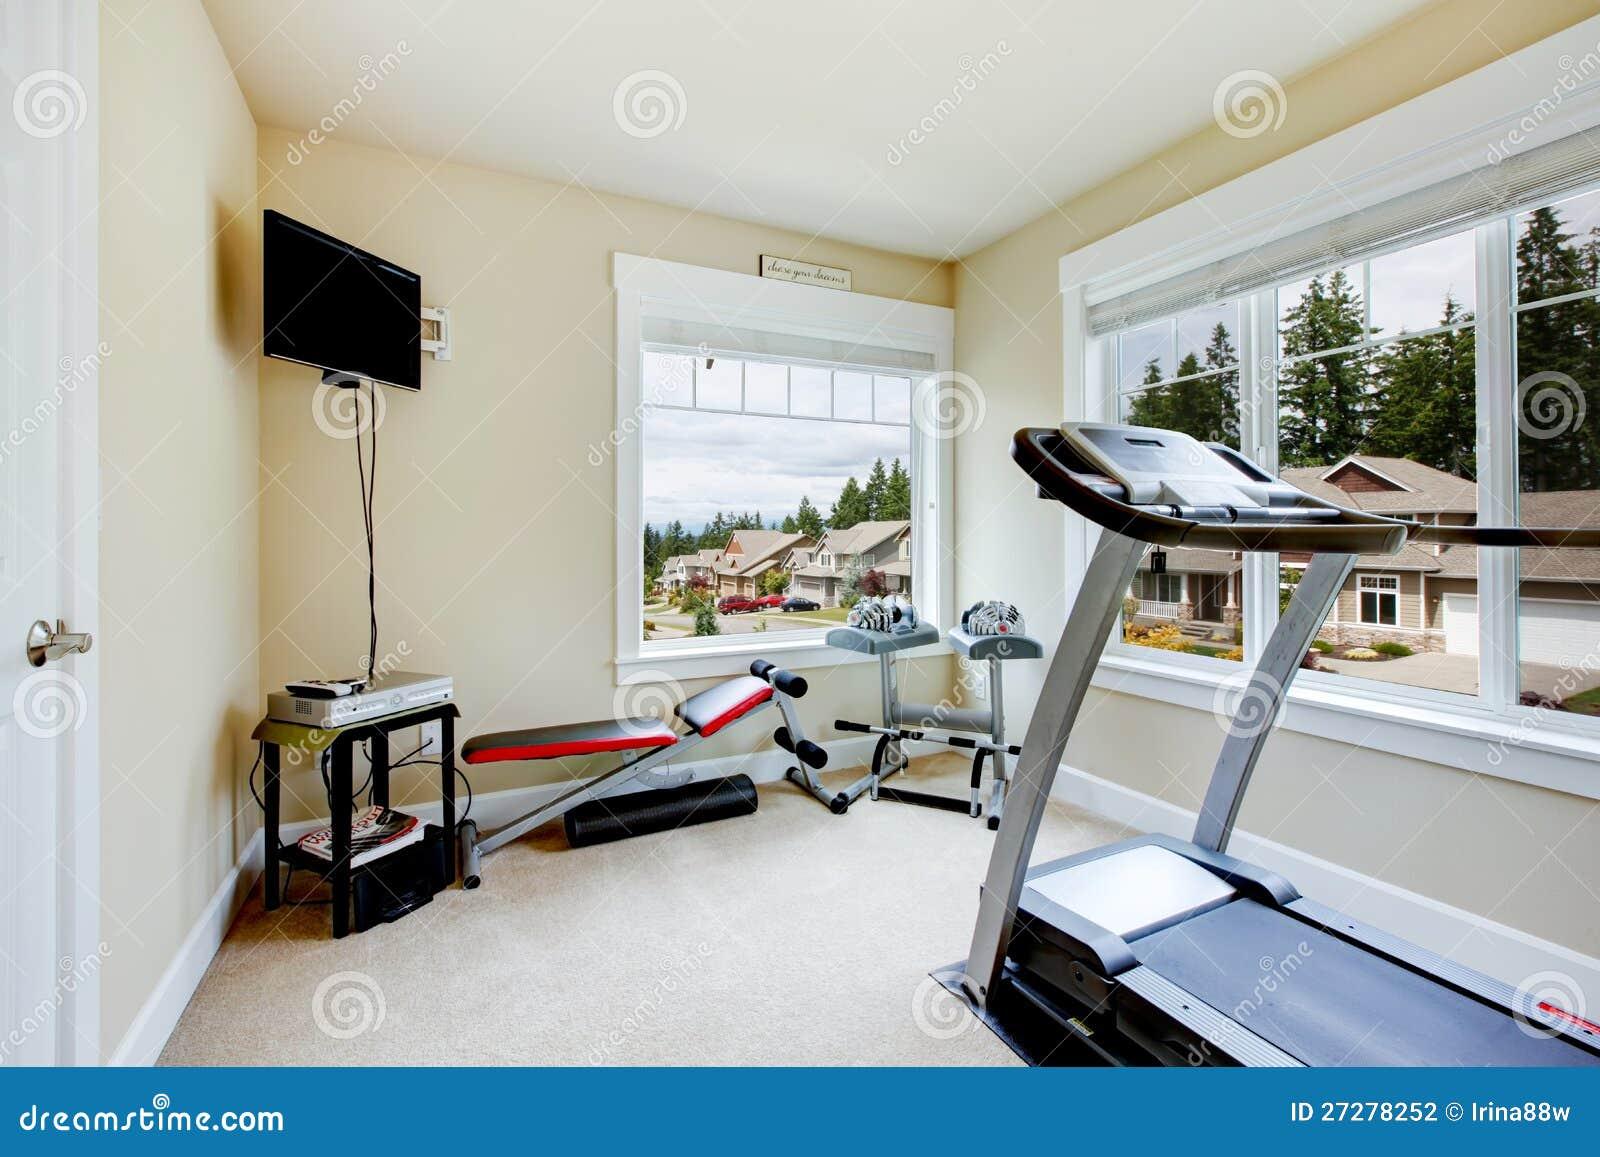 Home idrottshall med utrustning, vikter och TV:N.